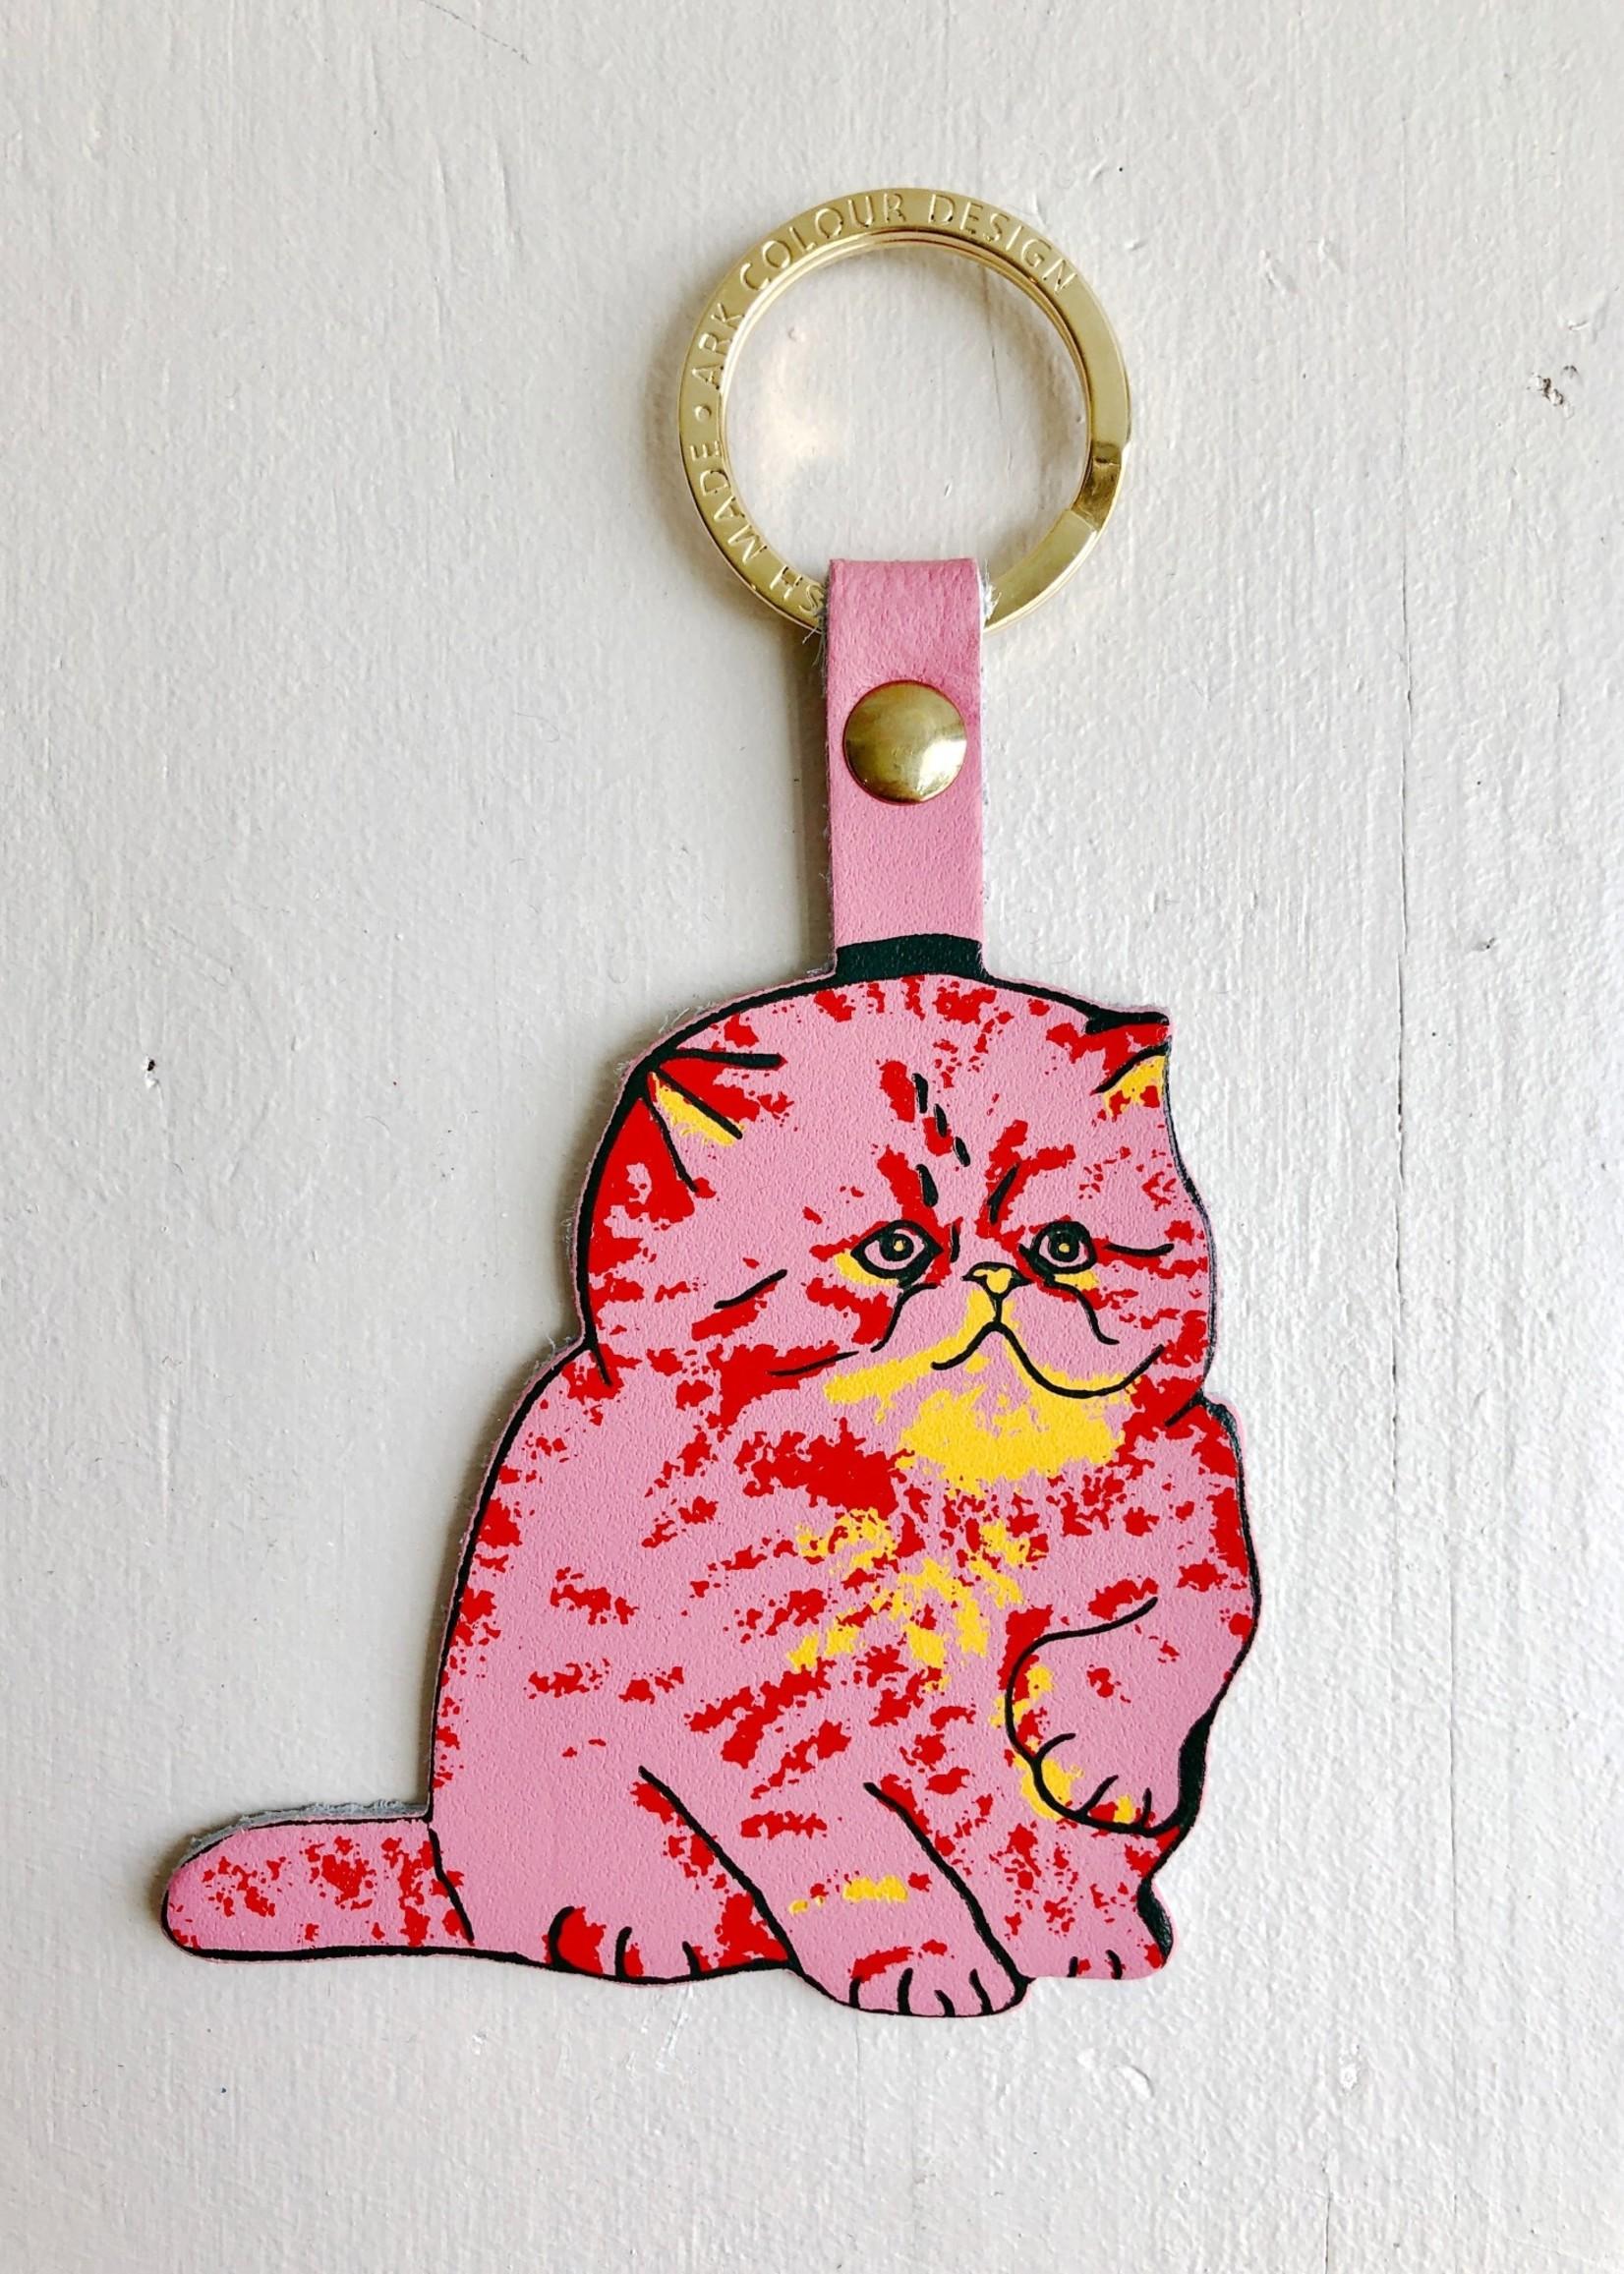 Ark Colour Design Kitten Keychains by Ark Colour Design